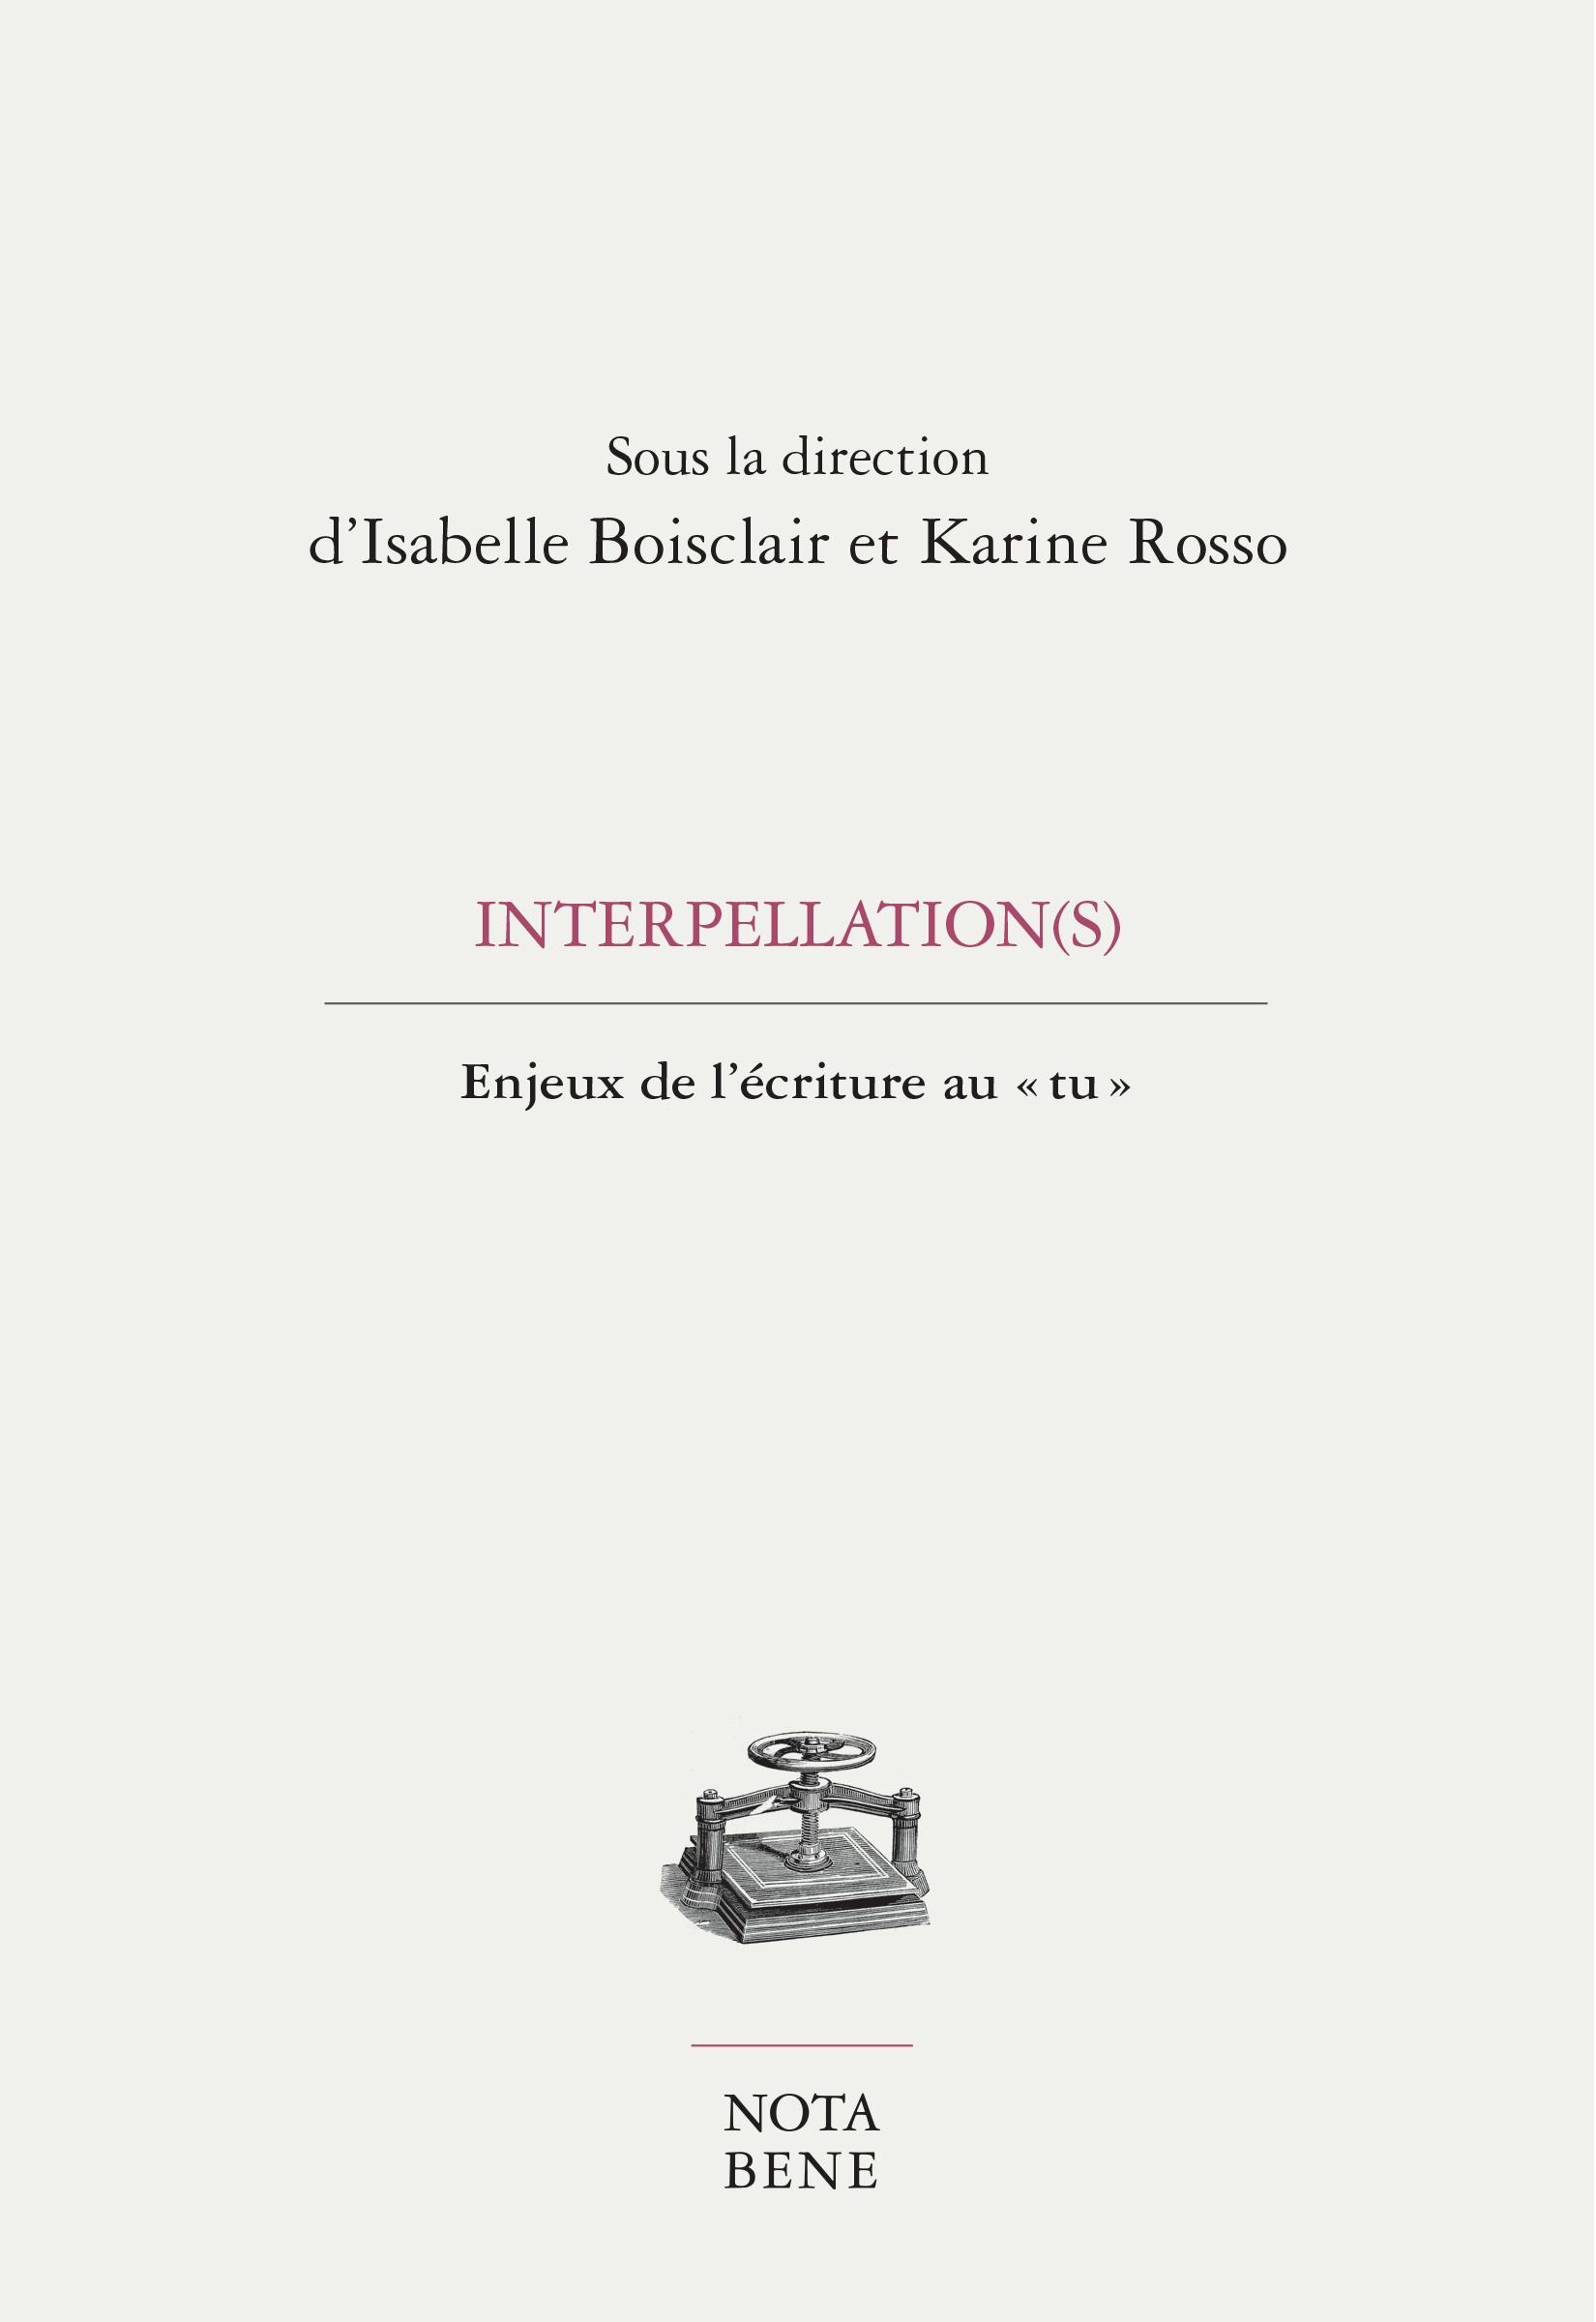 I. Boisclair, K. Rosso (dir.), Interpellation(s). Enjeux de l'écriture au « tu »